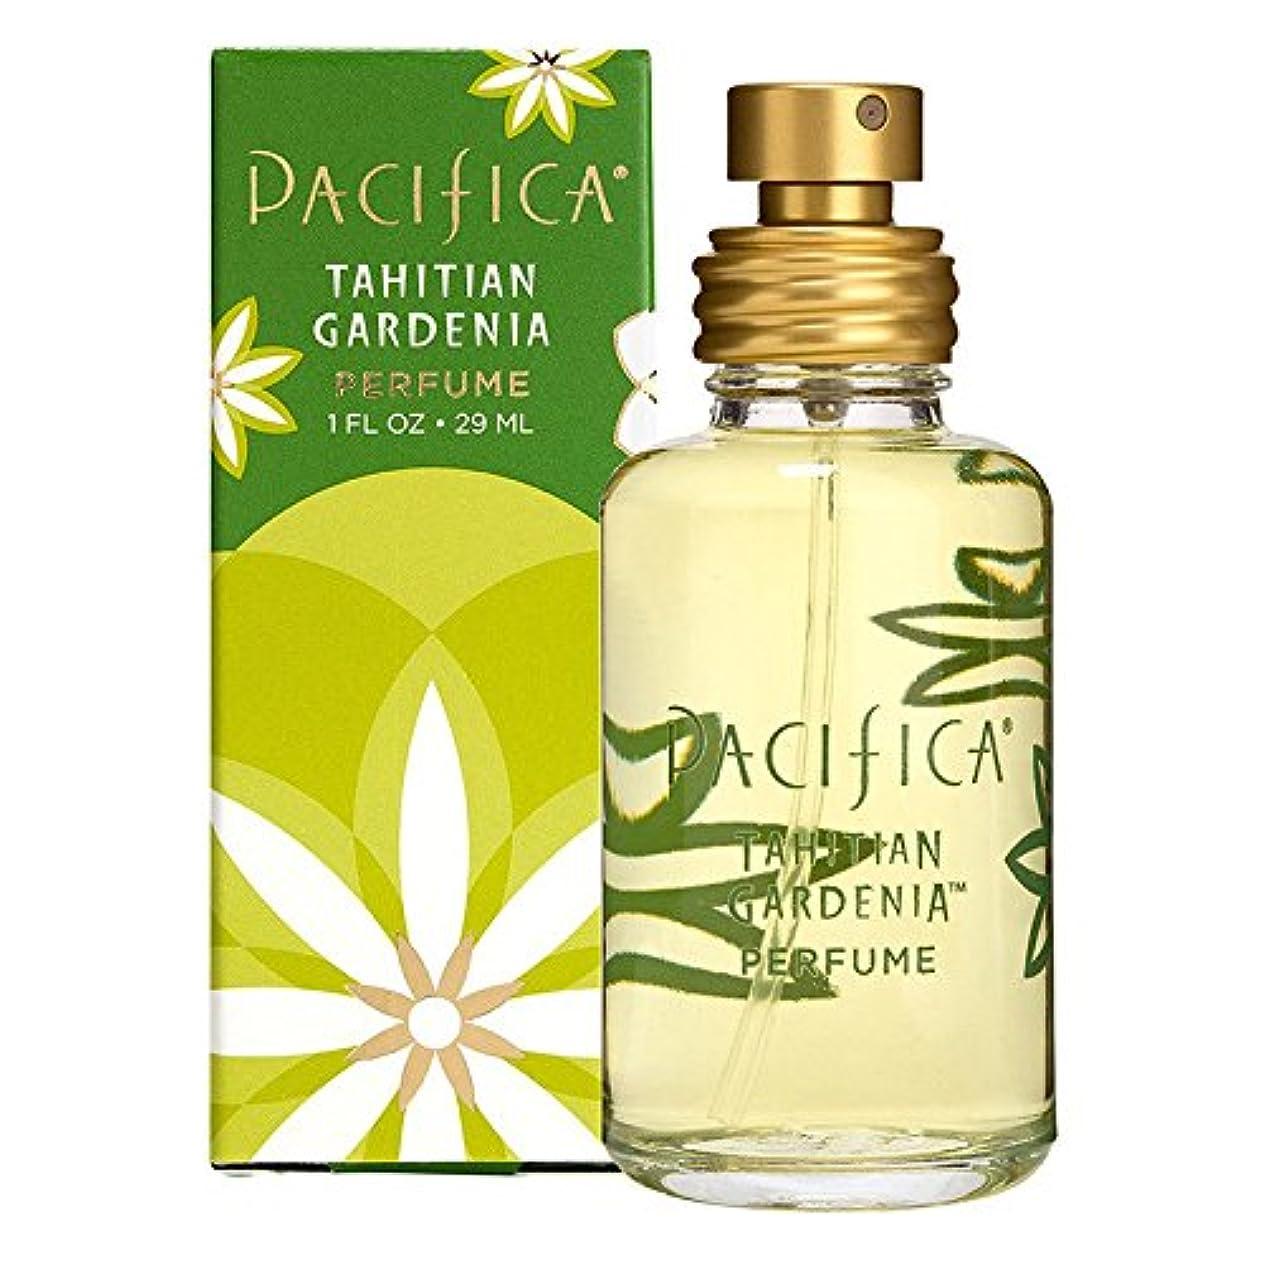 誇り反逆違反する海外直送品 Pacifica Perfume Tahitian Gardenia - 1 fl oz パシフィカパフュームタヒチアンガーディニア (29ml)